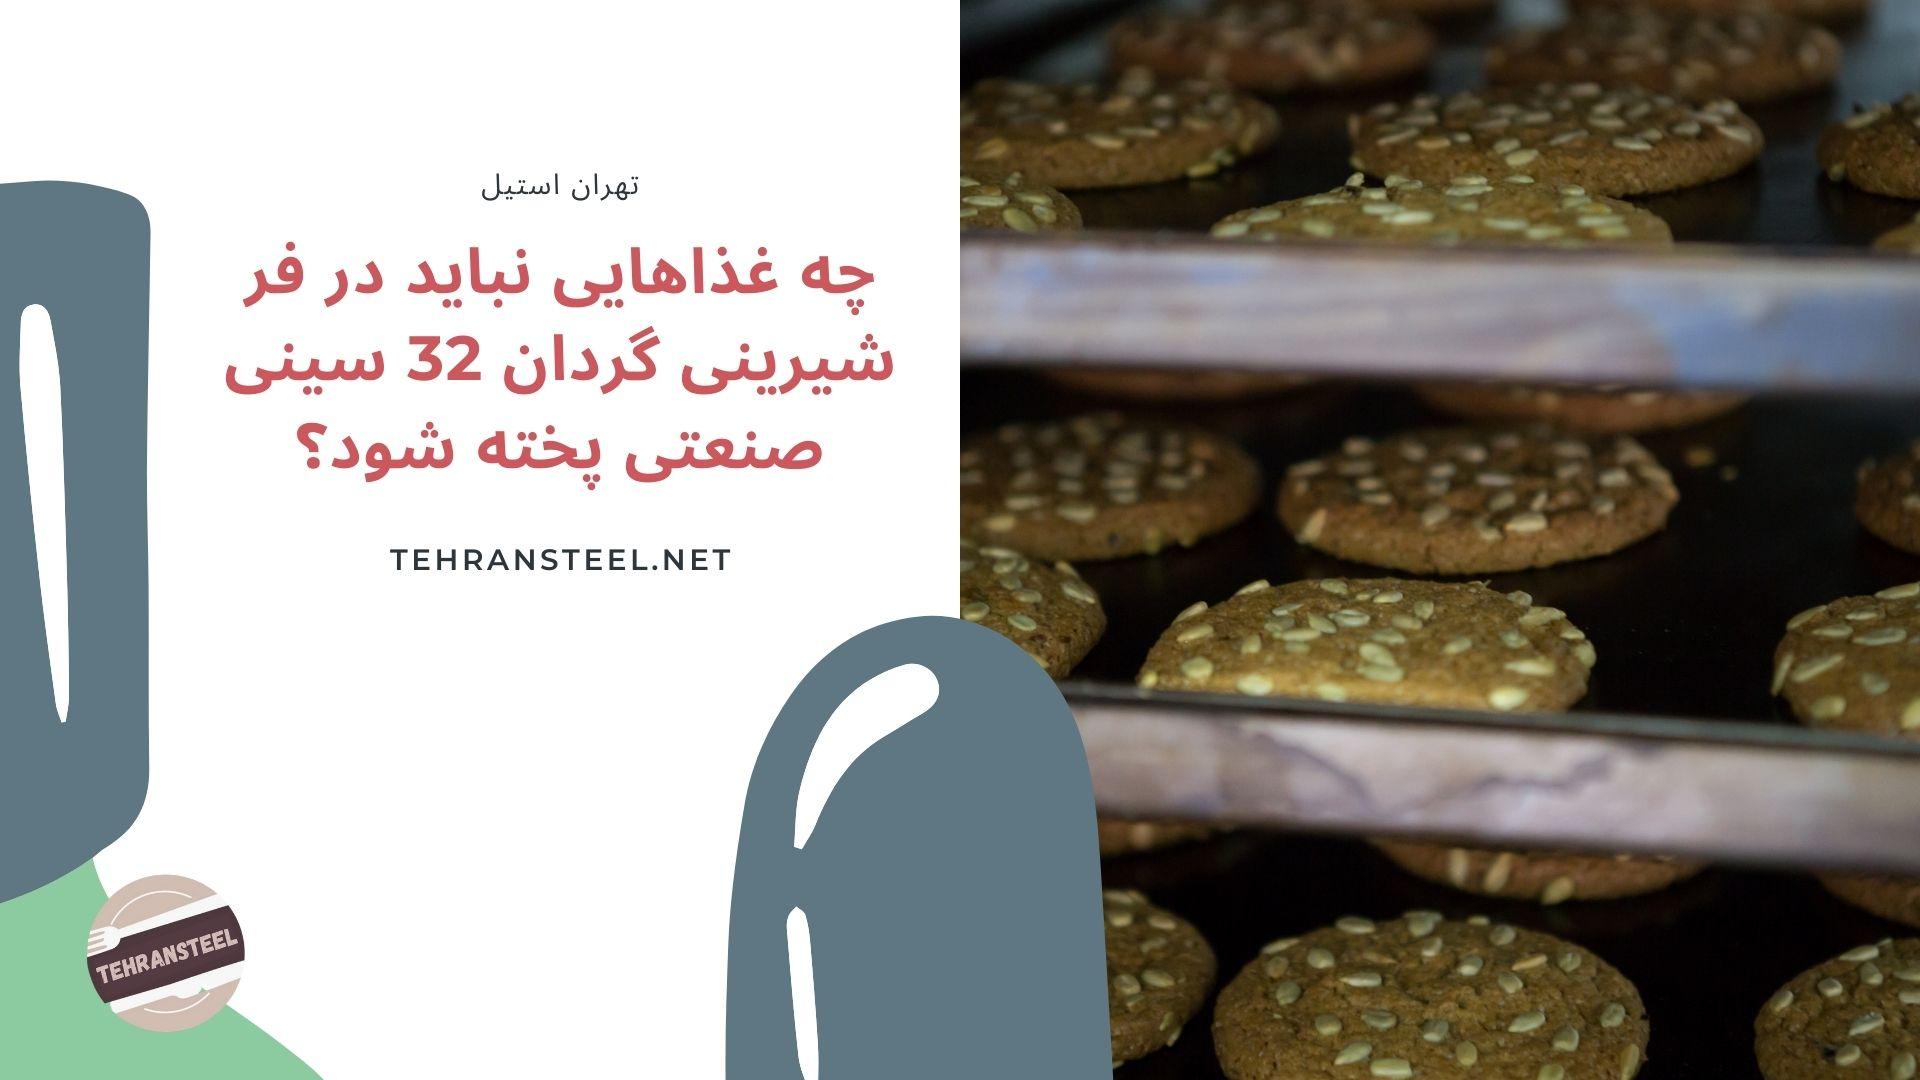 چه غذاهایی نباید در فر شیرینی گردان 32 سینی صنعتی پخته شود؟